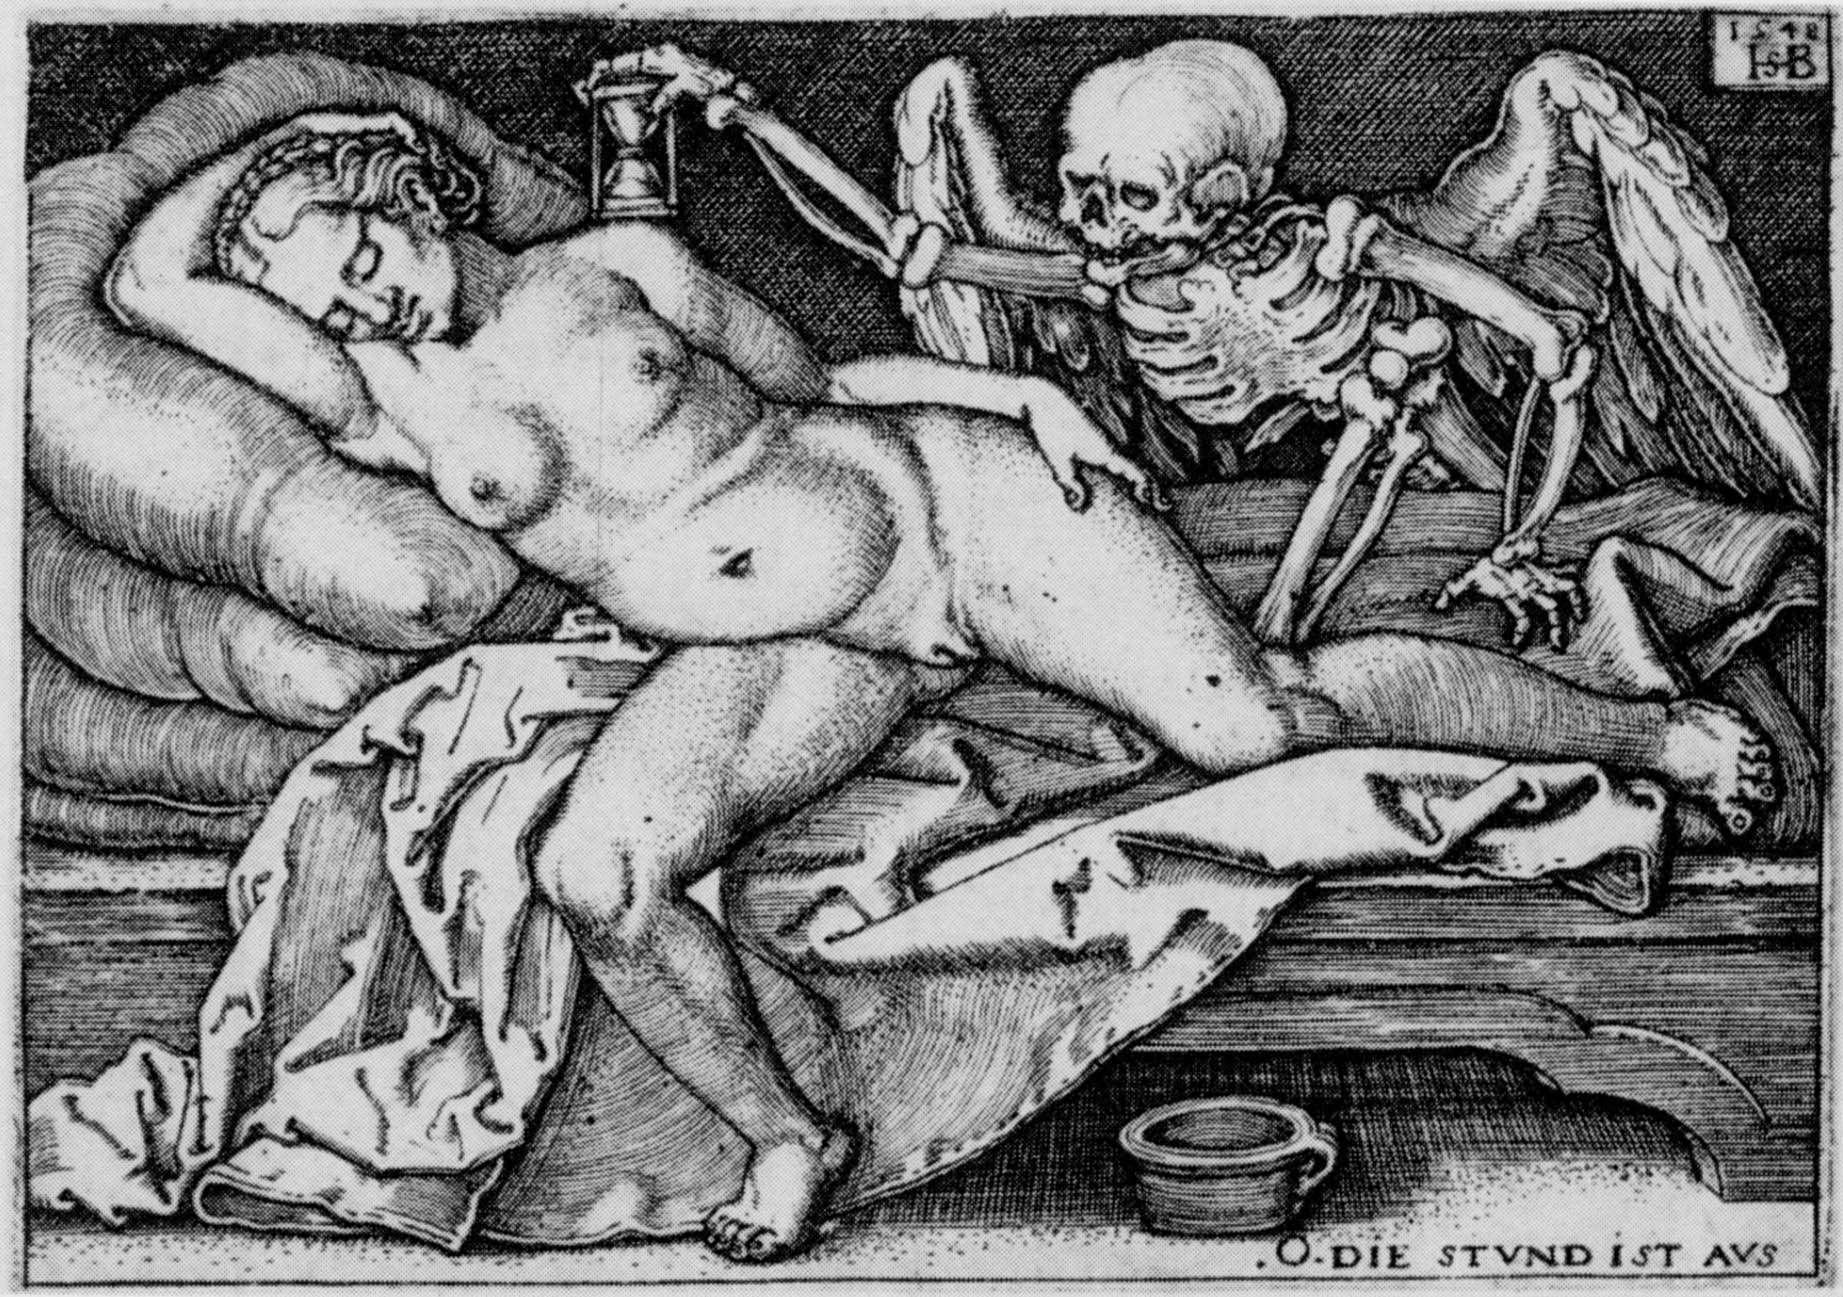 Разврат в средневековье 13 фотография